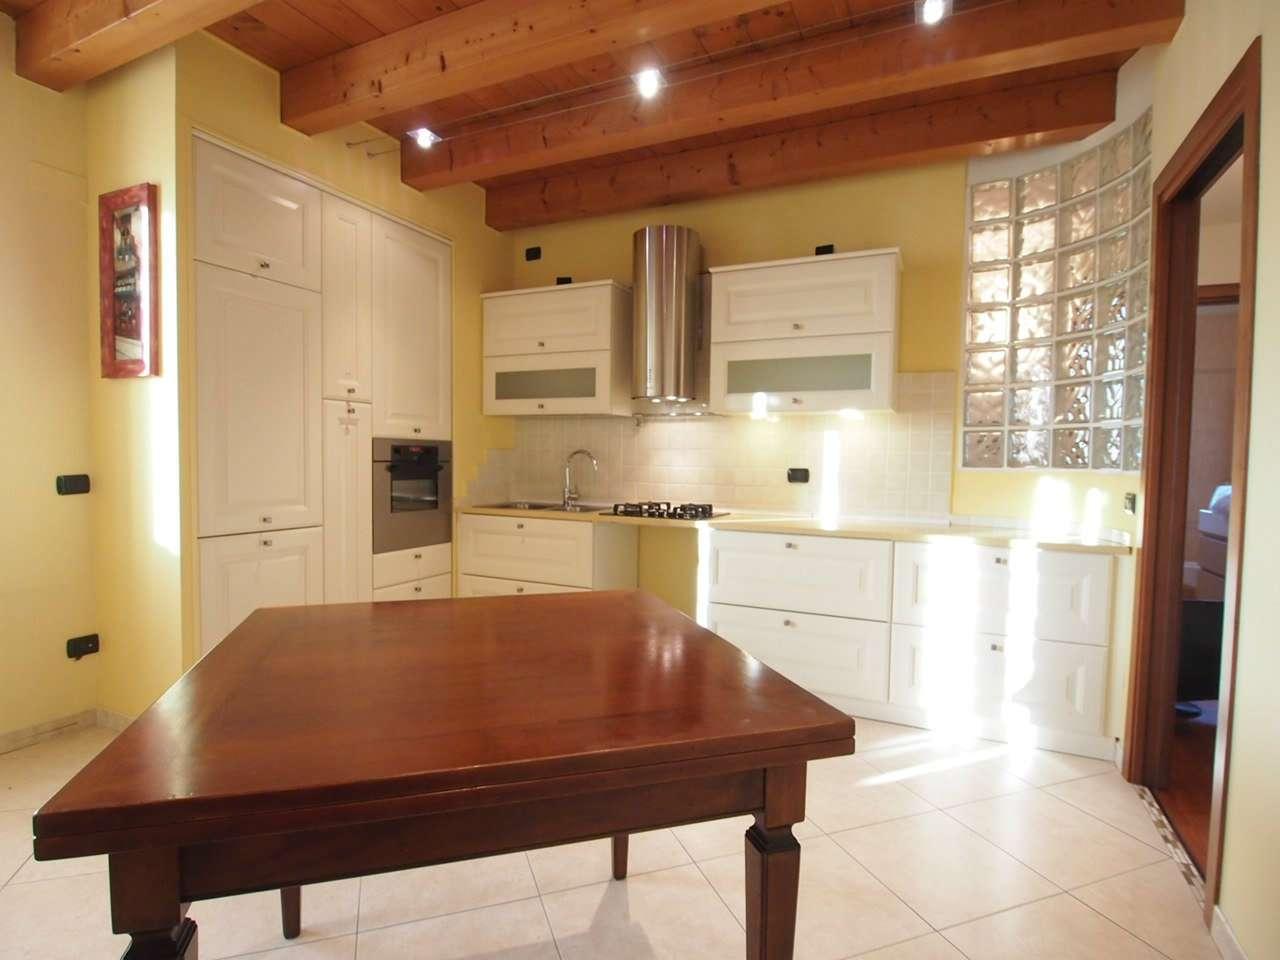 Appartamento in affitto a Verona, 4 locali, zona Zona: 6 . Borgo Trieste - Borgo Venezia, prezzo € 1.200 | CambioCasa.it